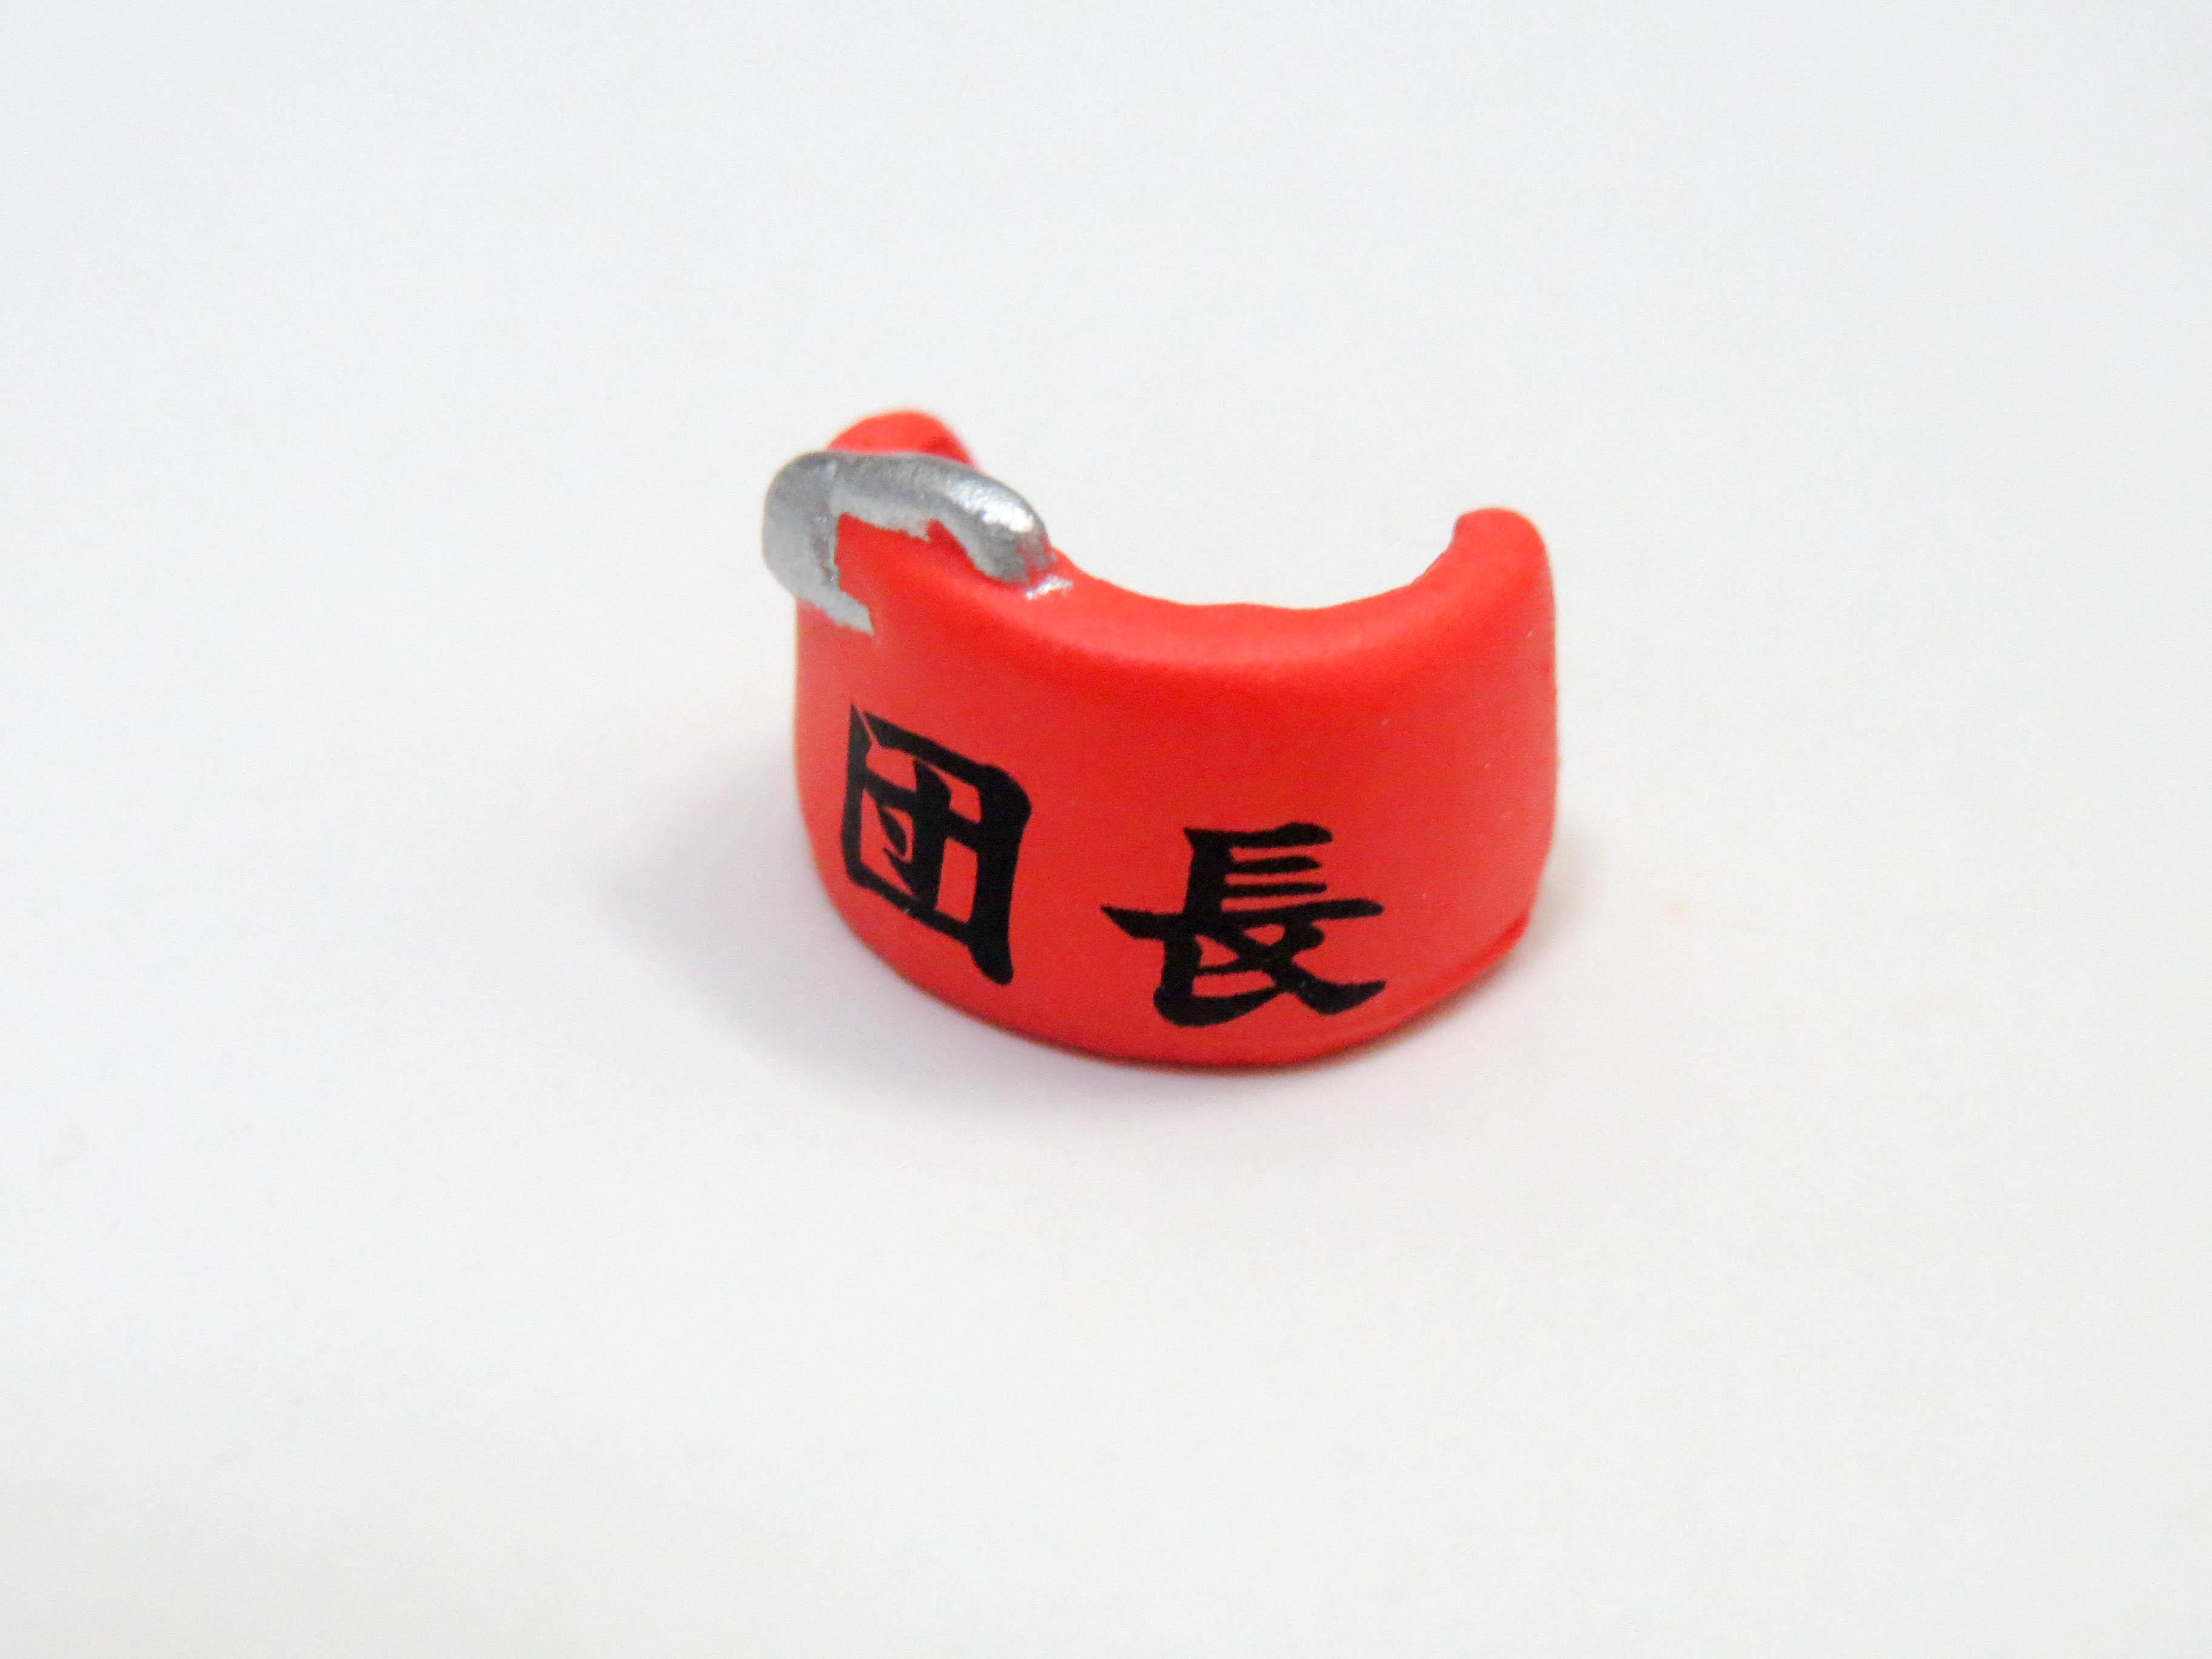 【124】 涼宮ハルヒ 消失Ver. 小物パーツ 腕章 ねんどろいど